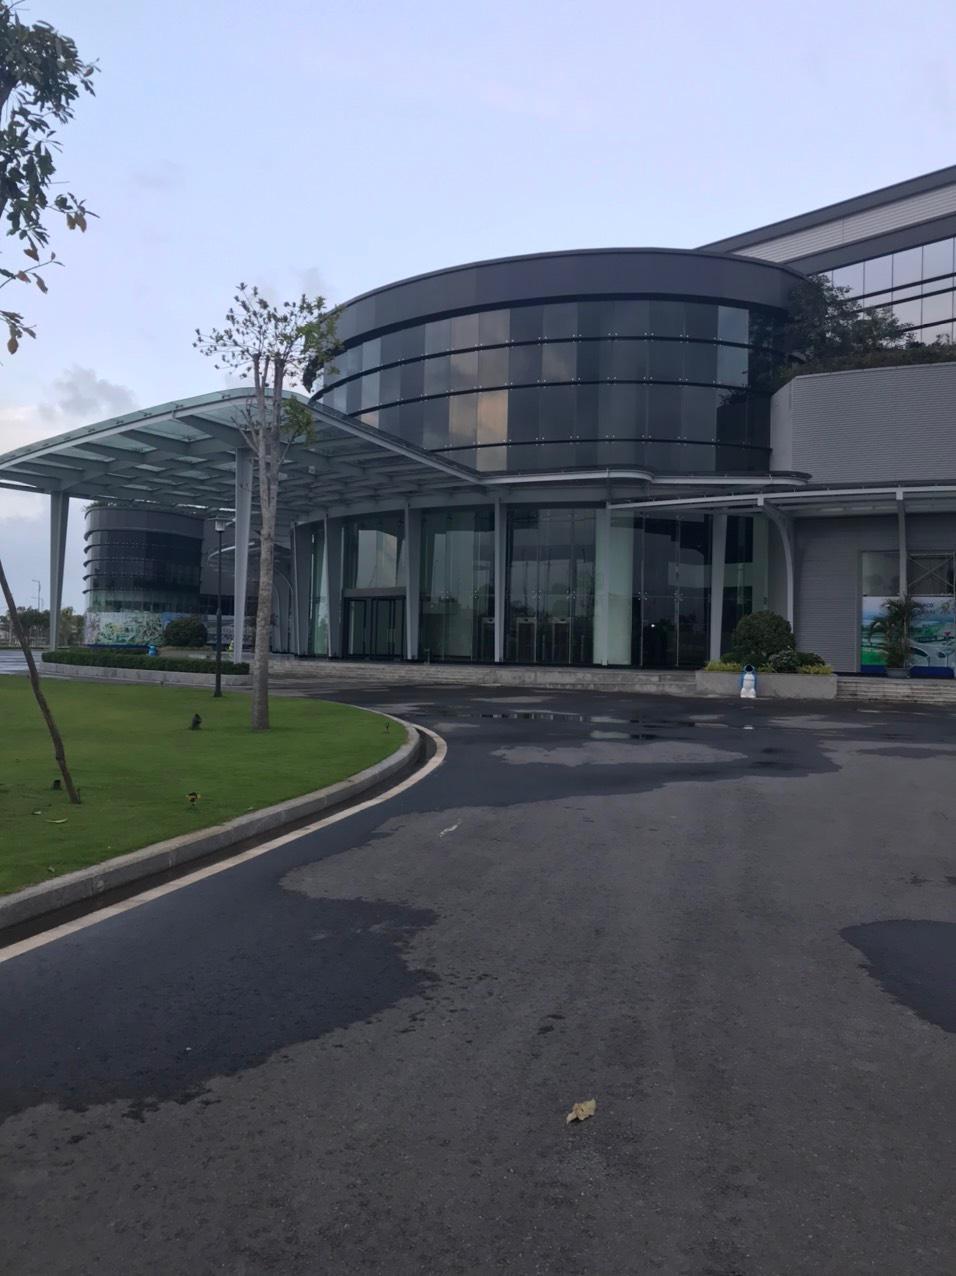 Phim cách nhiệt cho Nhà máy sản xuất ô tô Trường Hài, KCN Chu Lai, Quãng Nam